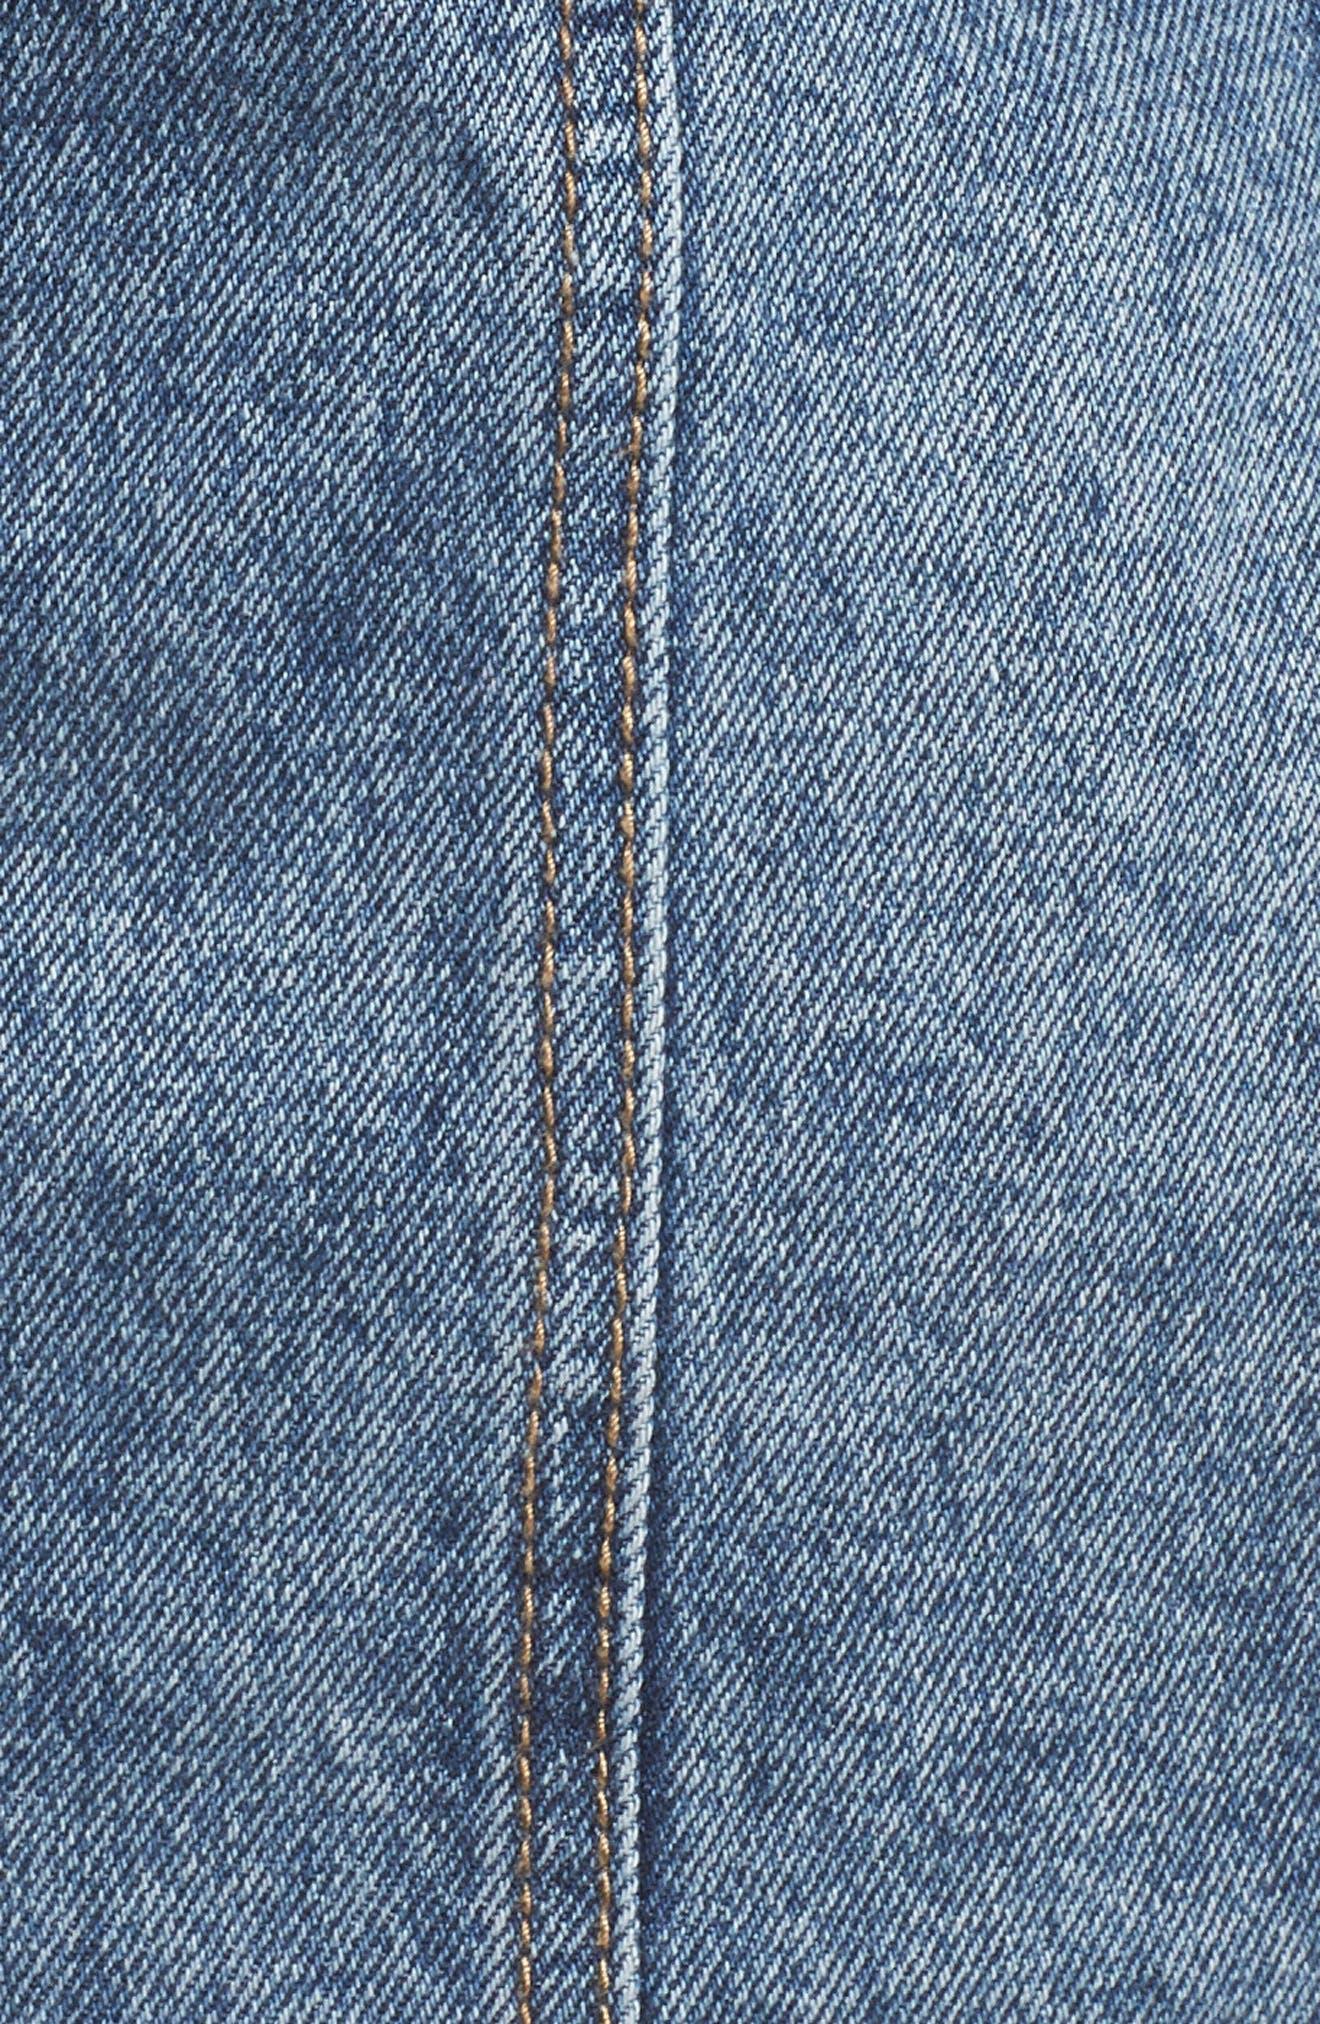 ,                             Faux Leather & Denim Jacket,                             Alternate thumbnail 13, color,                             001